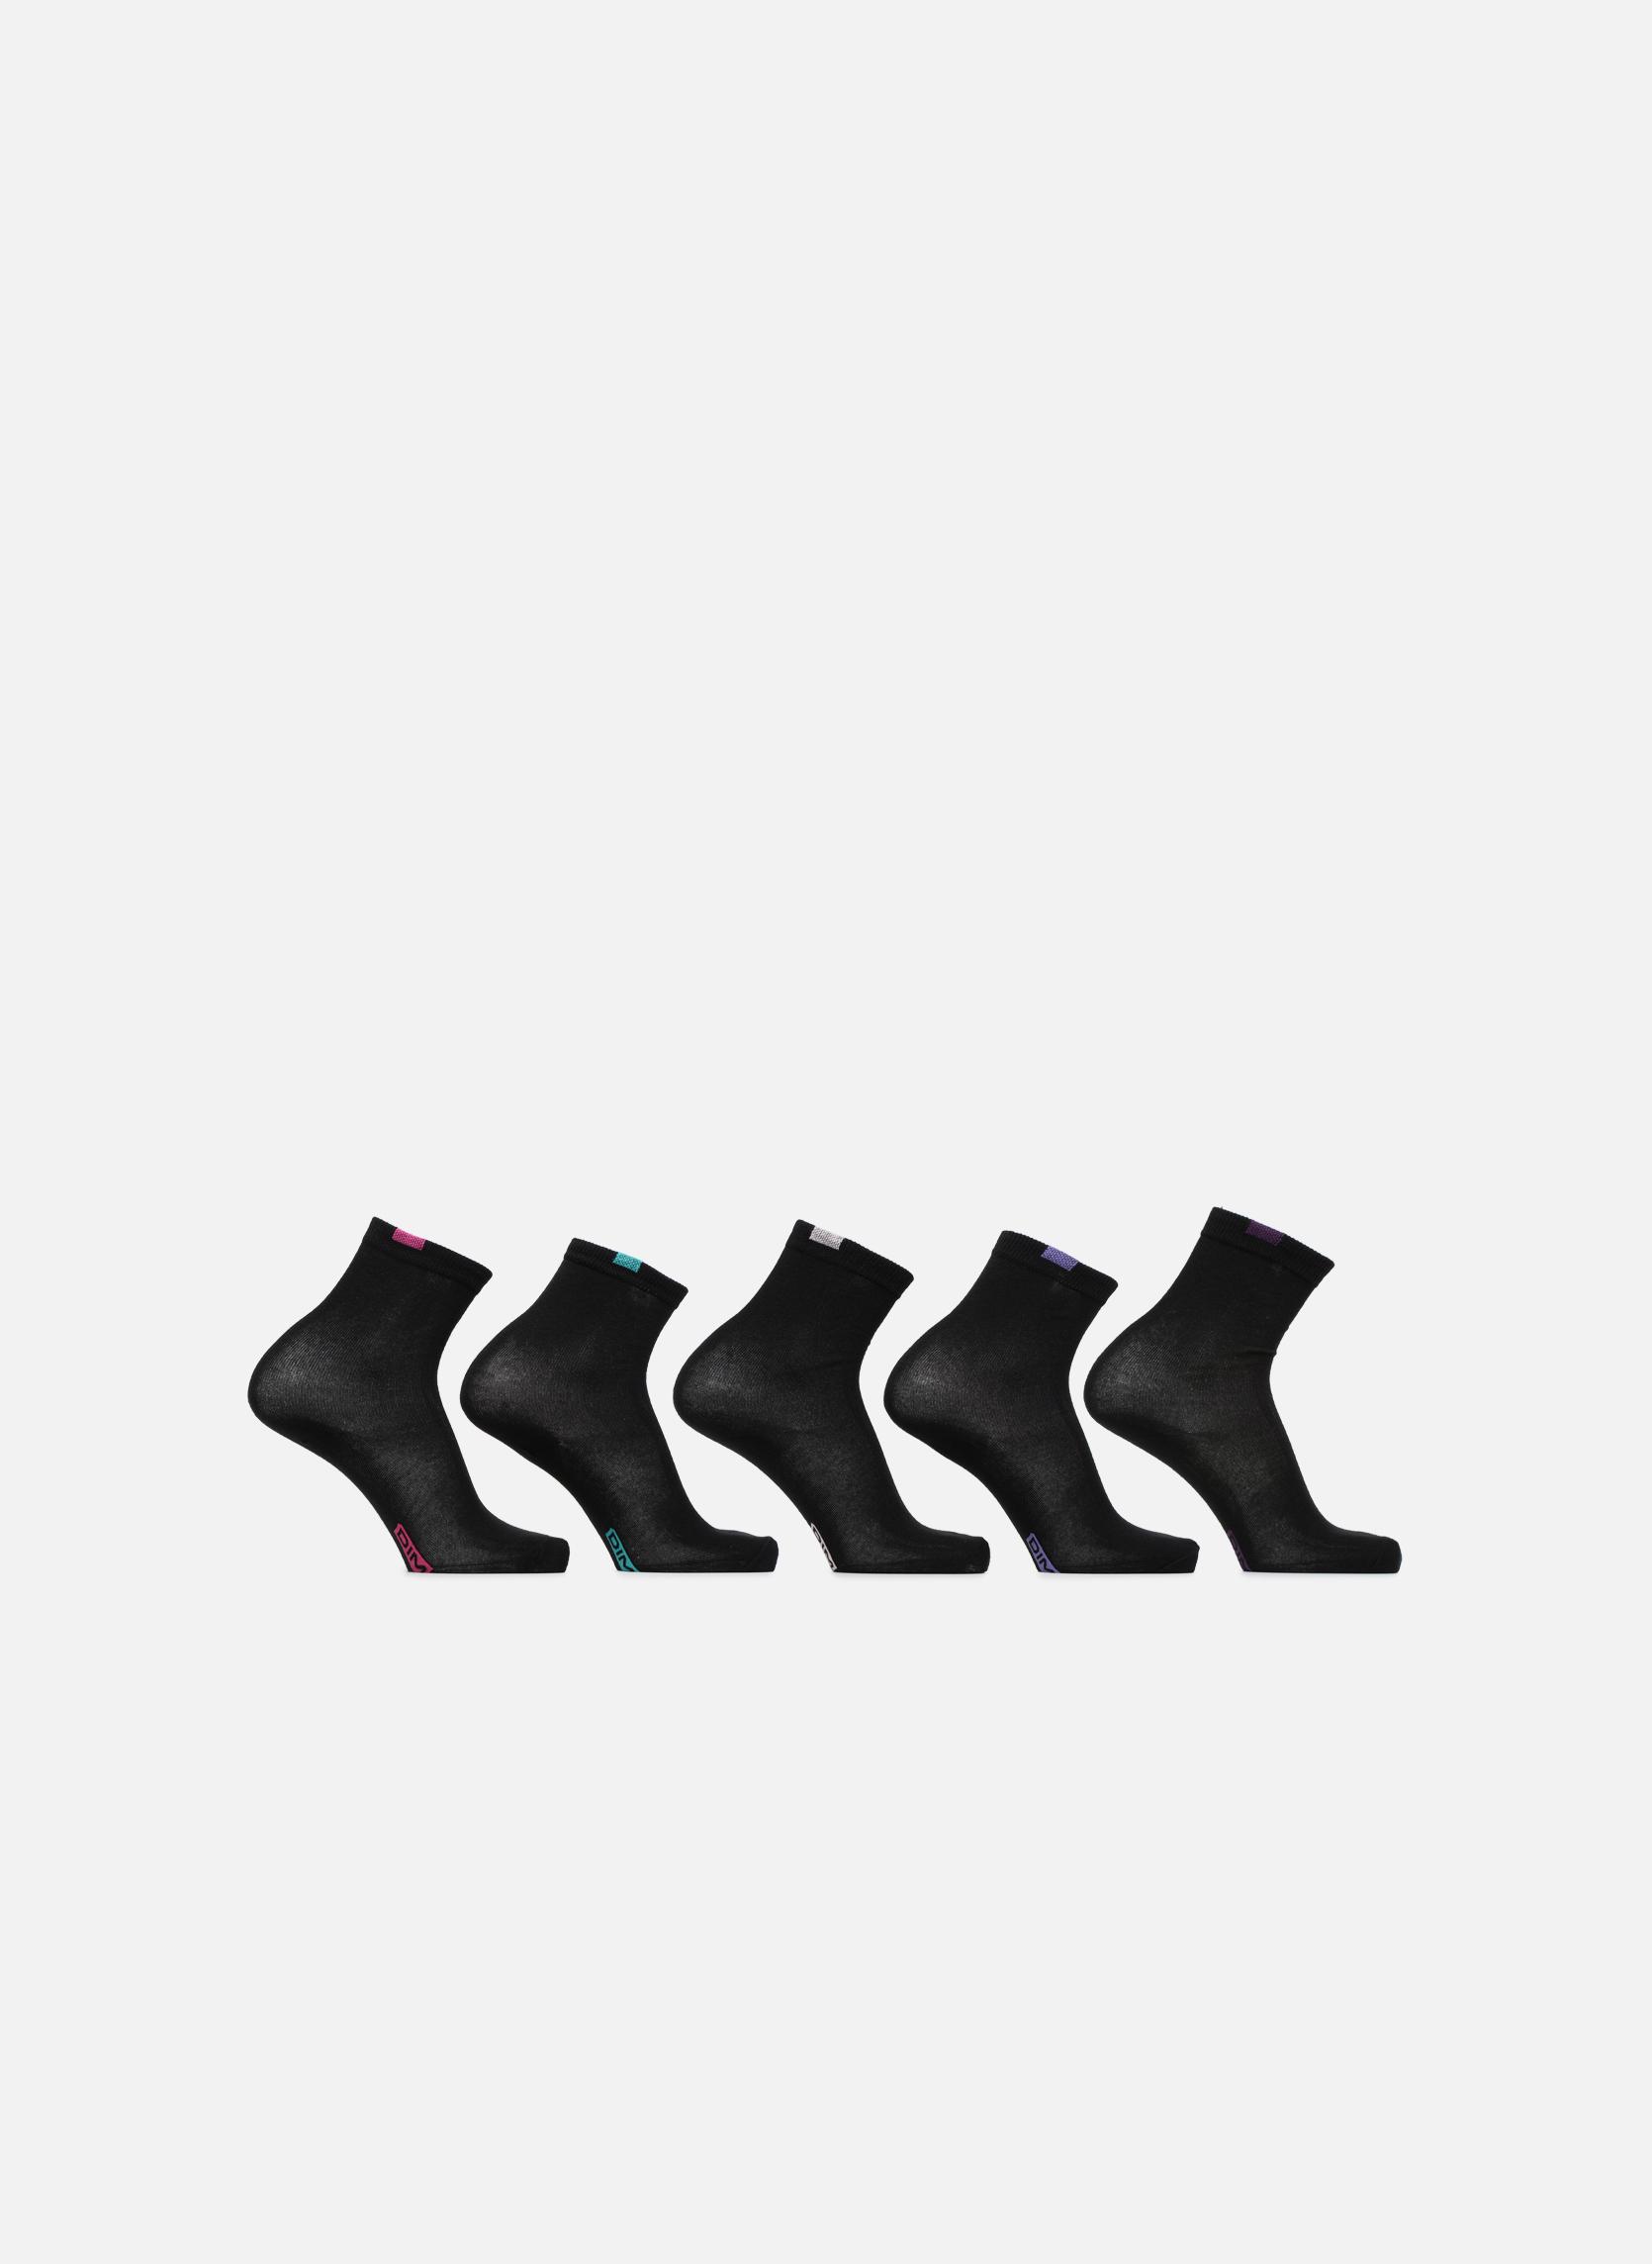 Chaussettes et collants Accessoires M-chaussettes ECODIM X5